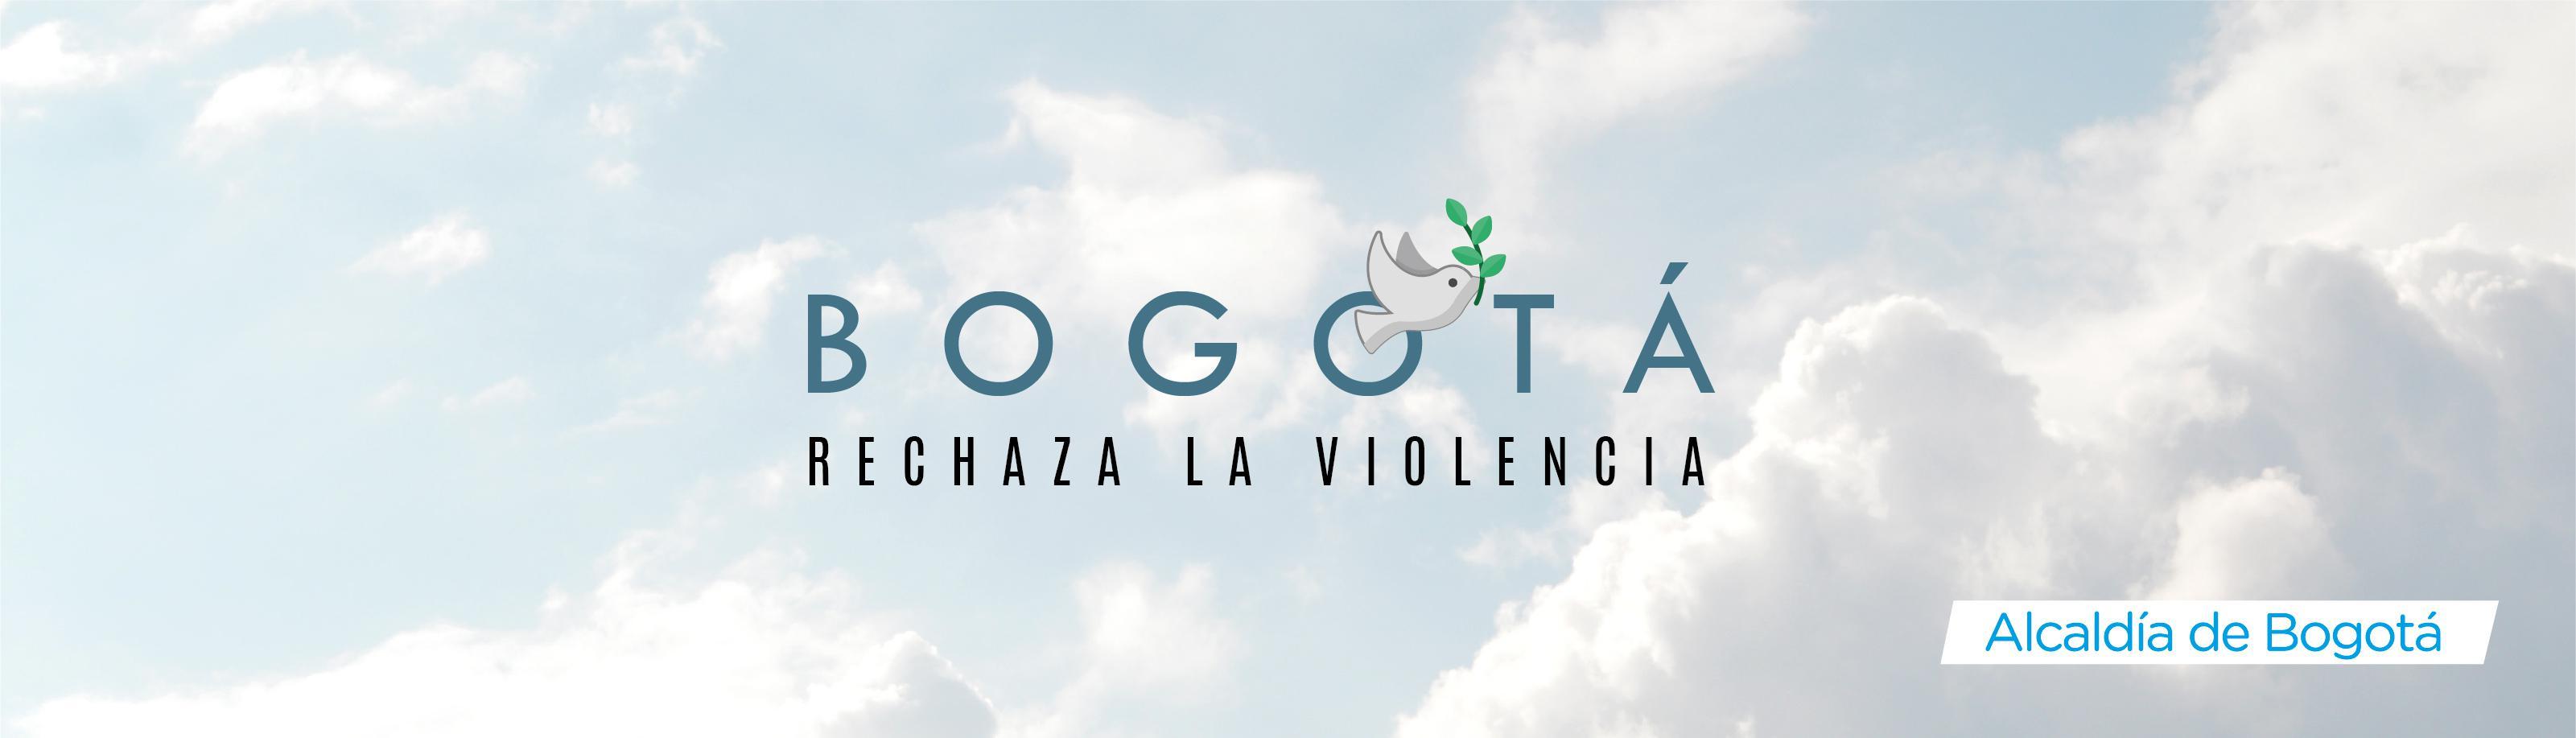 Bogotá rechaza la violencia